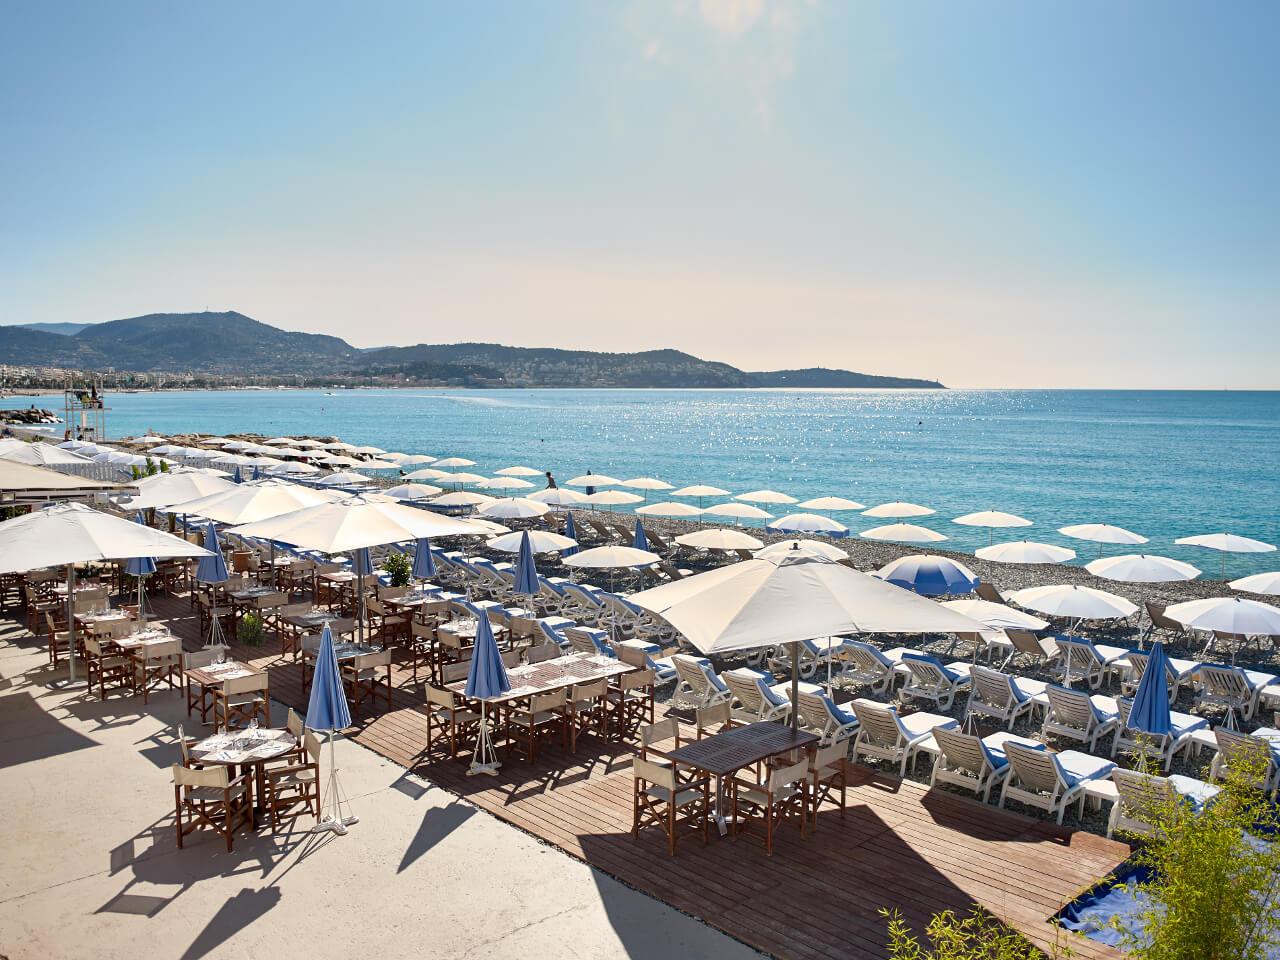 Vista da praia Blue Beach em Nice